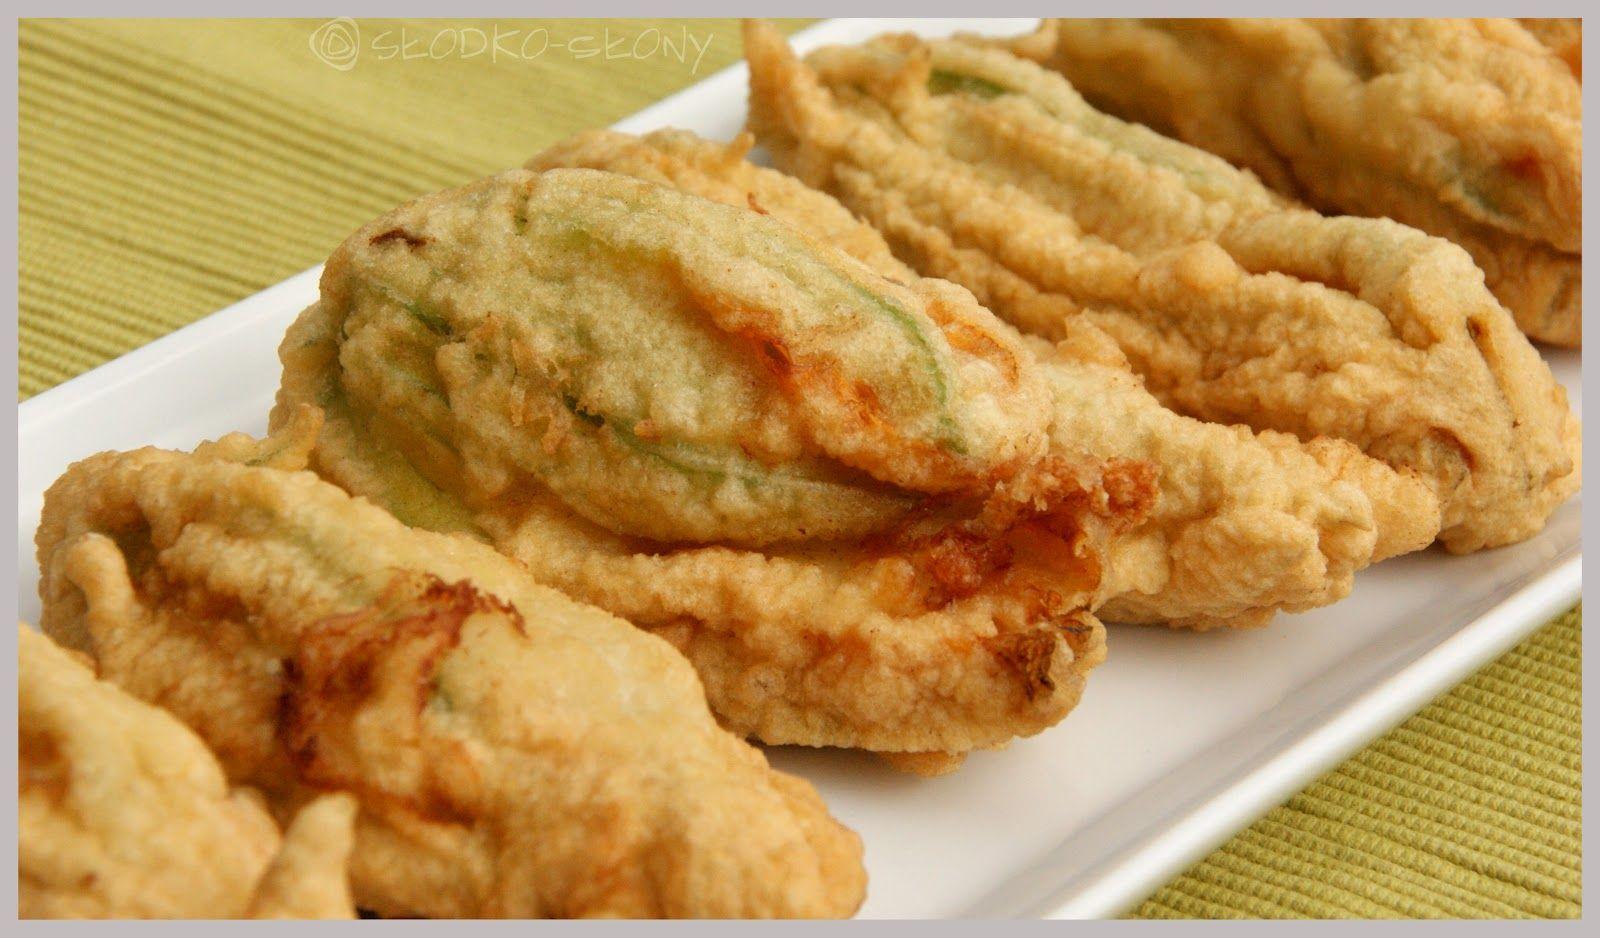 Www Slodko Slony Blogspot Com Smazone Kwiaty Cukinii Fried Zucchini Flowers Zucchini Fries Food